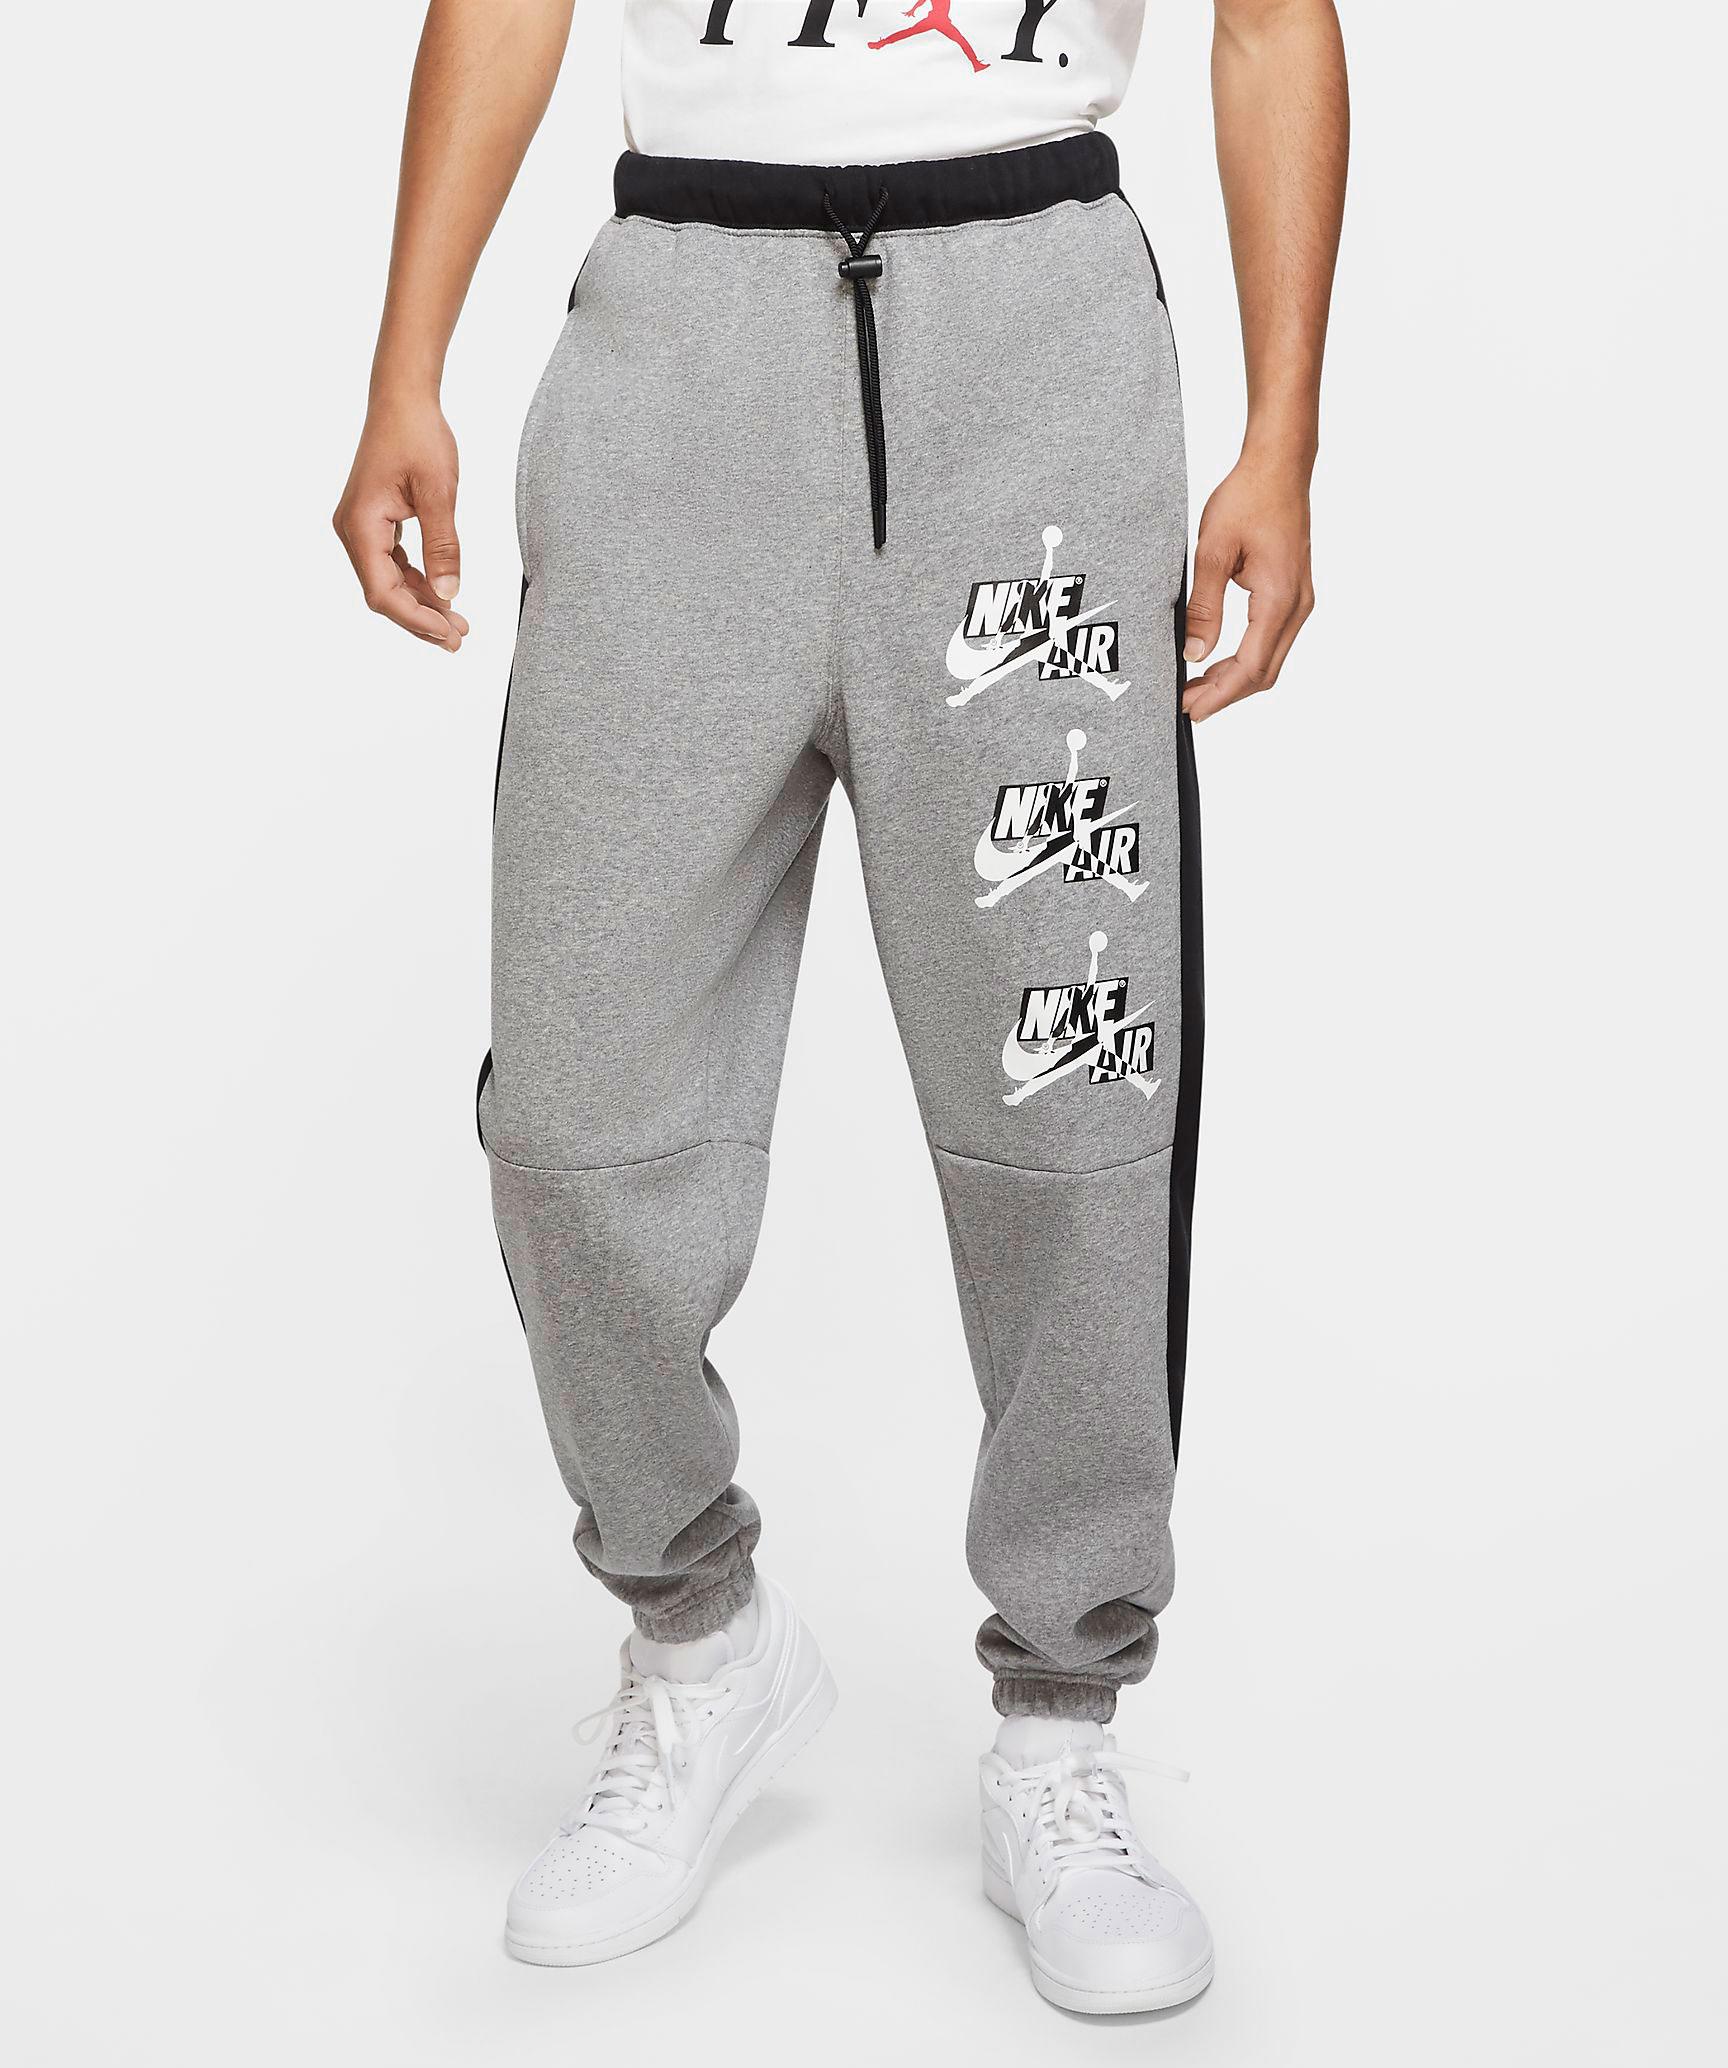 jordan-6-tech-chrome-smoke-grey-pants-match